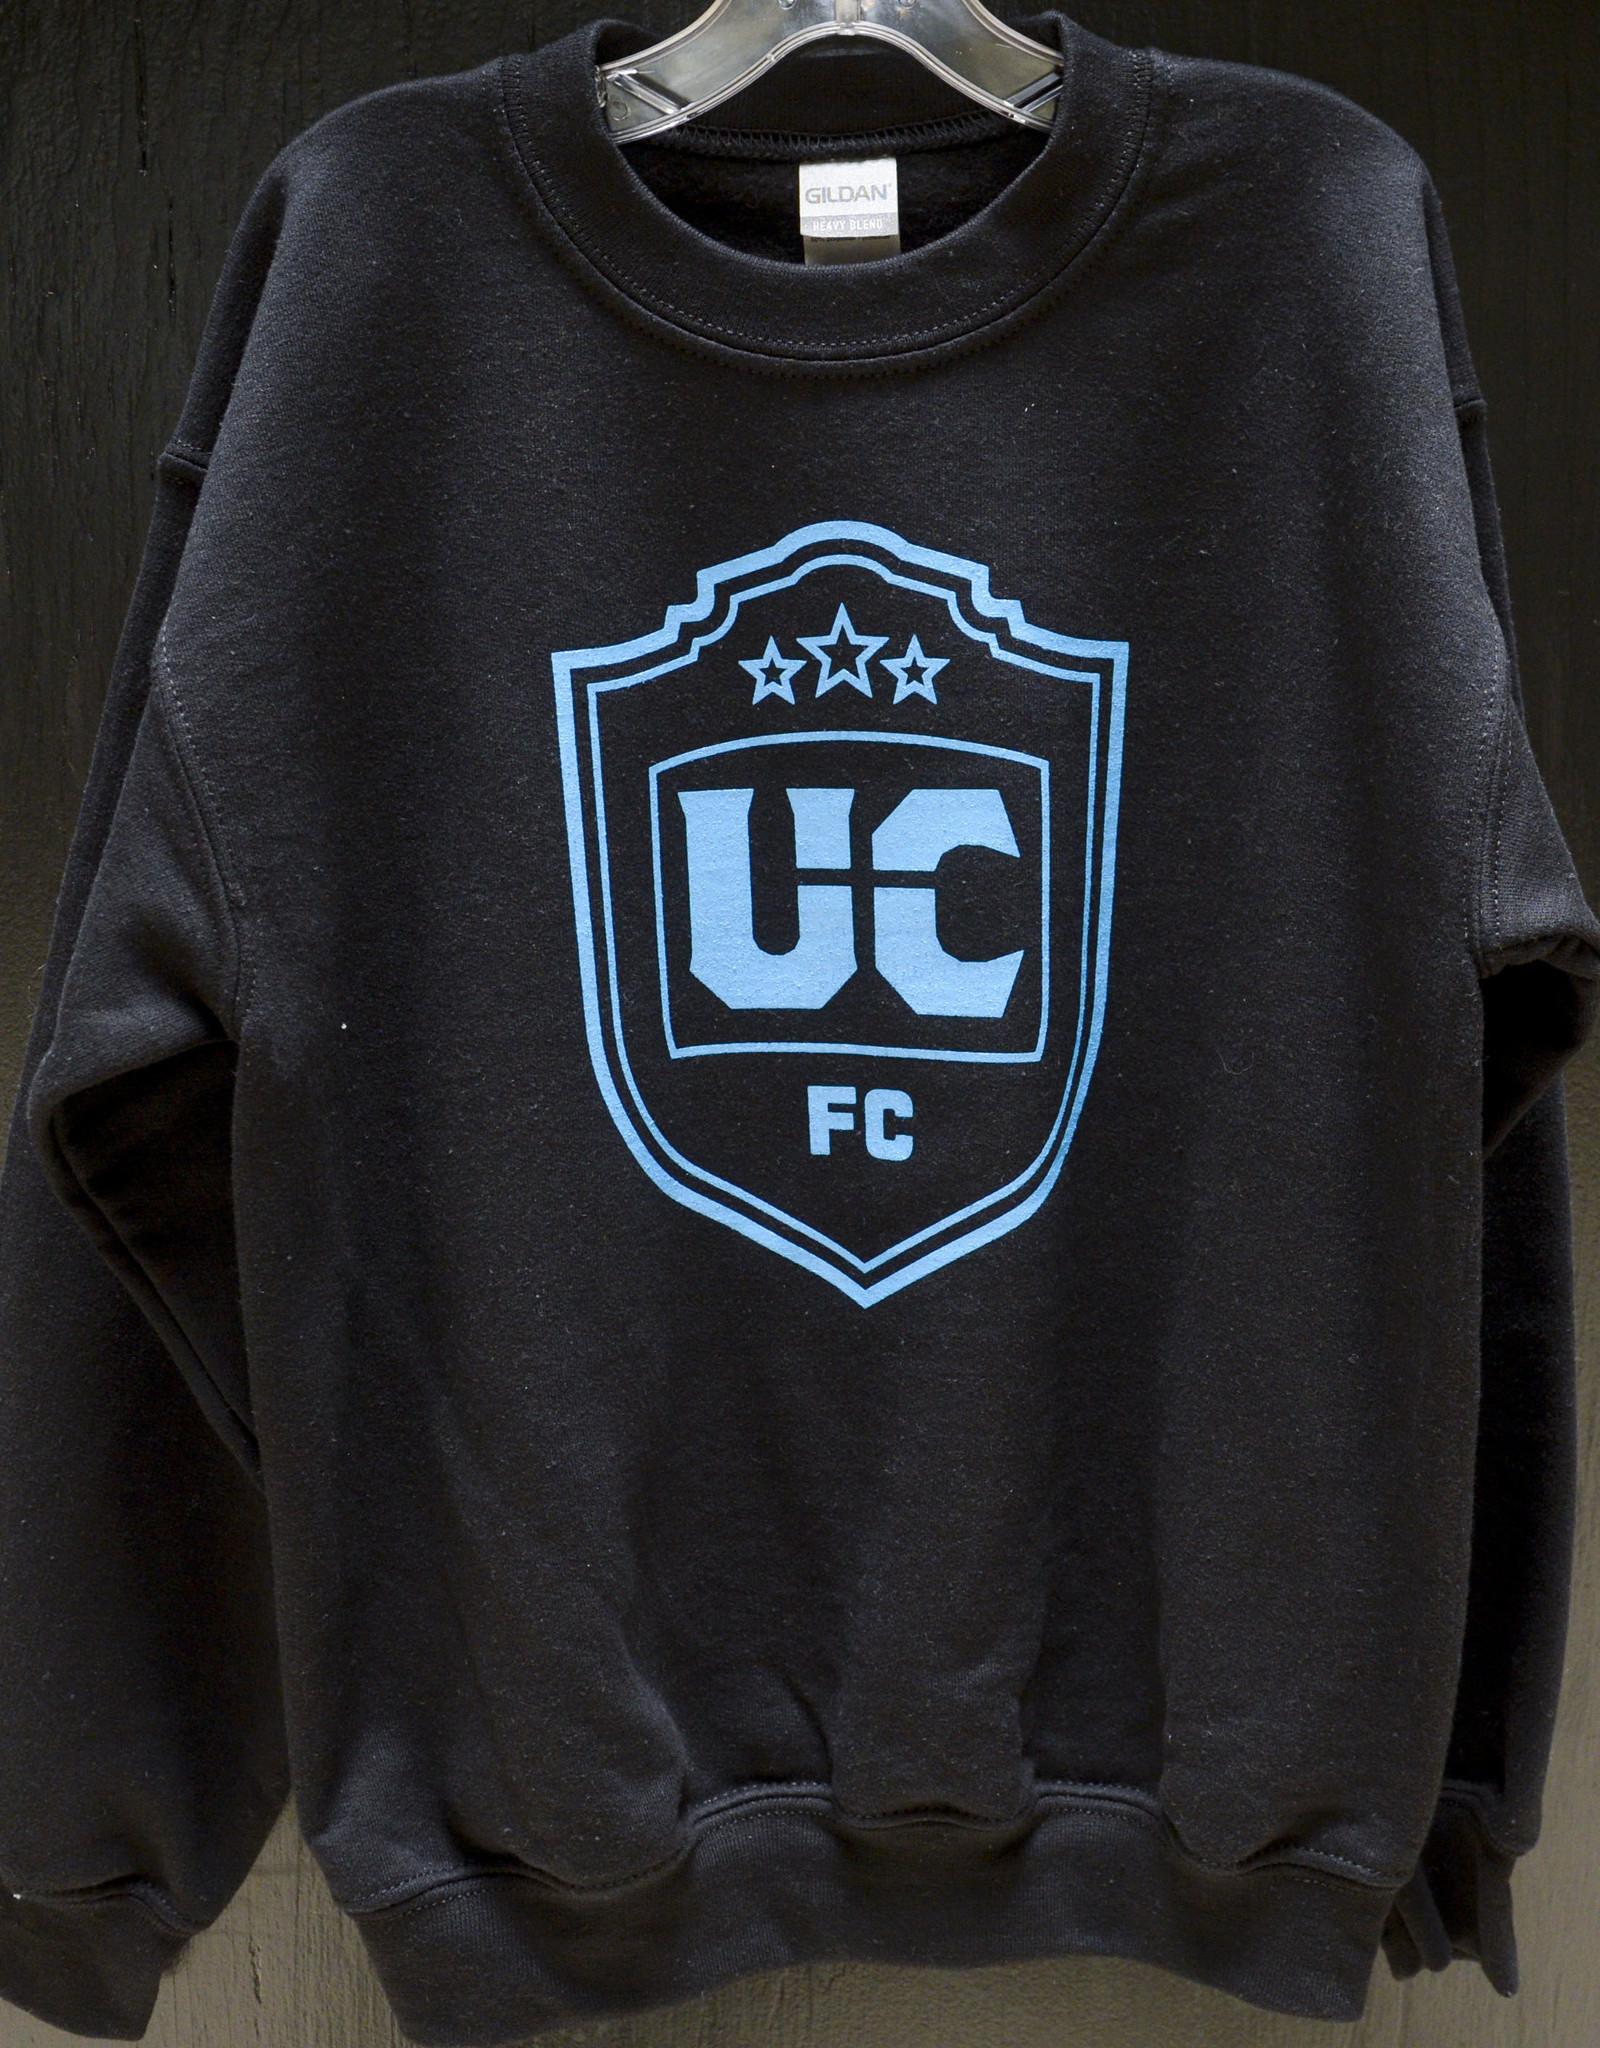 Adult UCFC Neon Crew